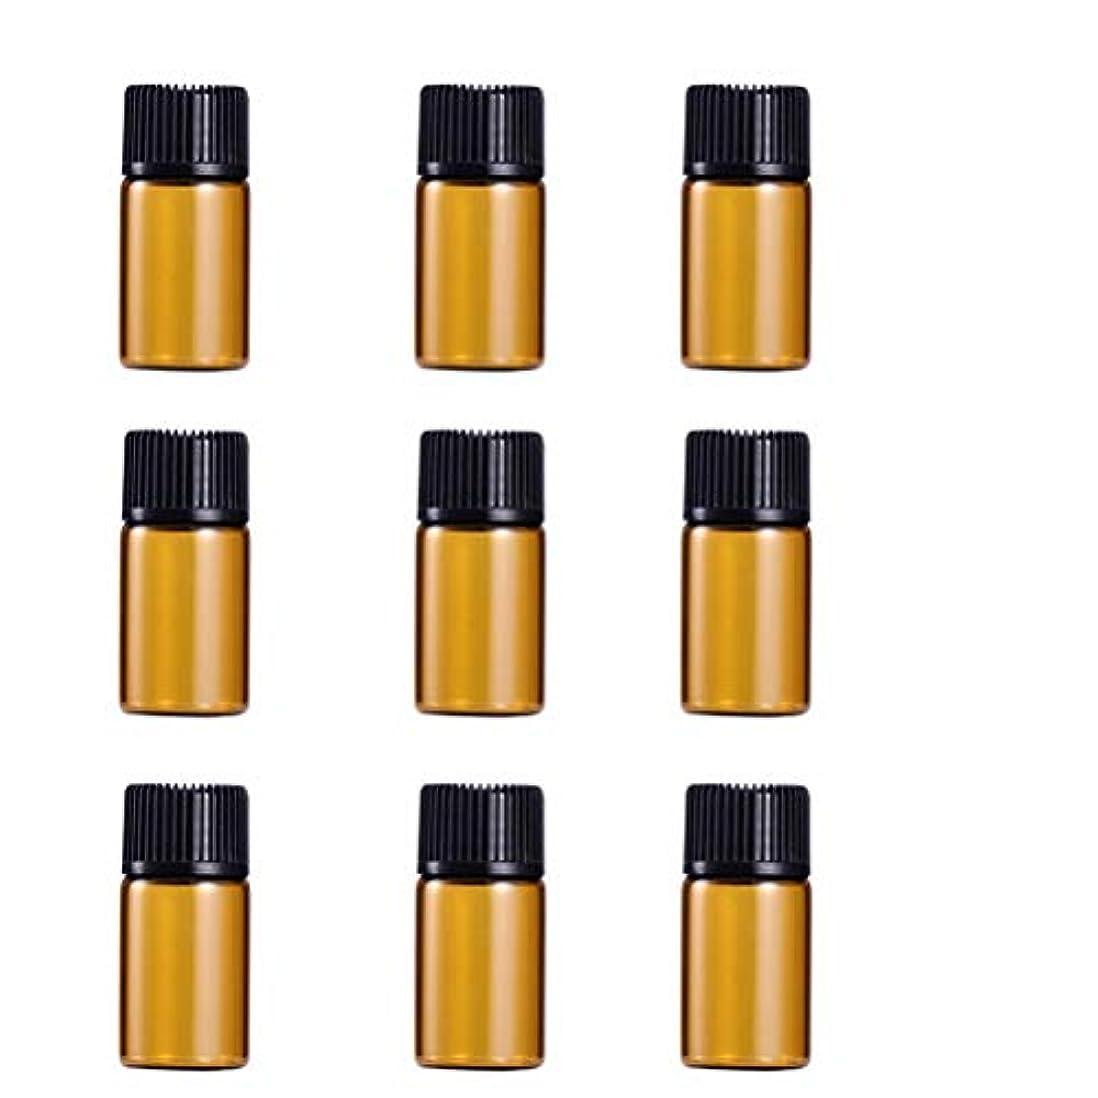 経由で生きる識別WINOMO 遮光瓶 アロマオイル 精油 小分け用 遮光瓶セット アロマボトル 保存容器 エッセンシャルオイル 香水 保存用 詰替え ガラス 茶色(9個入り 3ml)